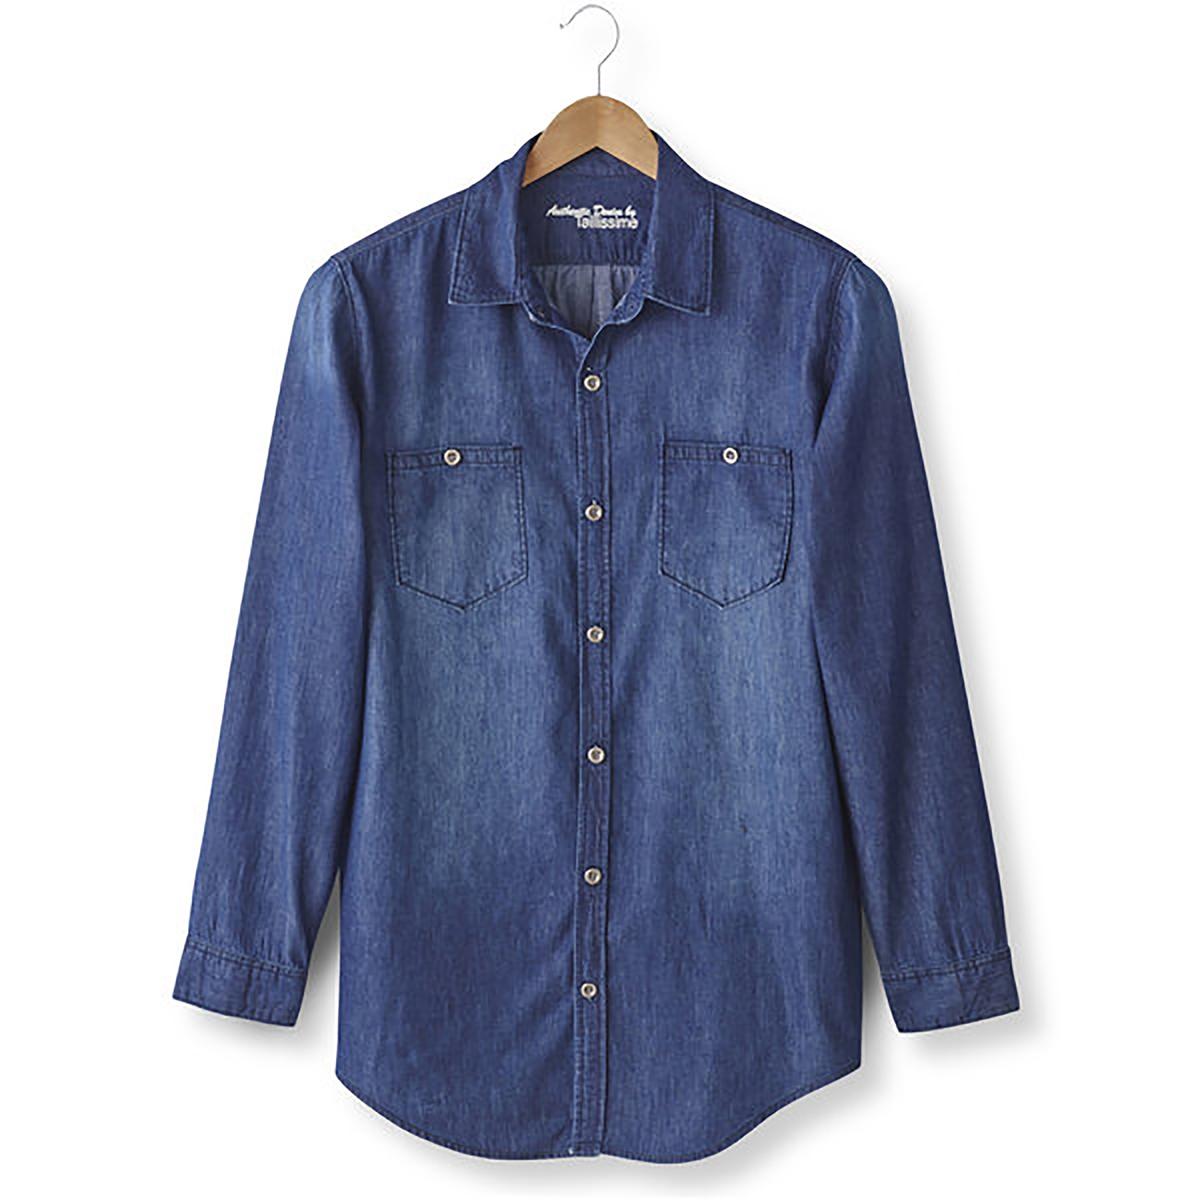 Джинсовая рубашка (+ 1,87 м)Джинсовая рубашка. Стильно смотрится надетой поверх футболки. Длинные рукава. Свободные уголки воротника. 2 нагрудных кармана на пуговицах. Деним, 100% хлопка. Рост 3 (больше 1,87 м): длина 86 см. Есть в росте 1 + 2. Обратите внимание, что бренд Taillissime создан для высоких, крупных мужчин с тенденцией к полноте. Чтобы узнать подходящий вам размер, сверьтесь с таблицей больших размеров на сайте.<br><br>Цвет: темно-синий<br>Размер: 47/48